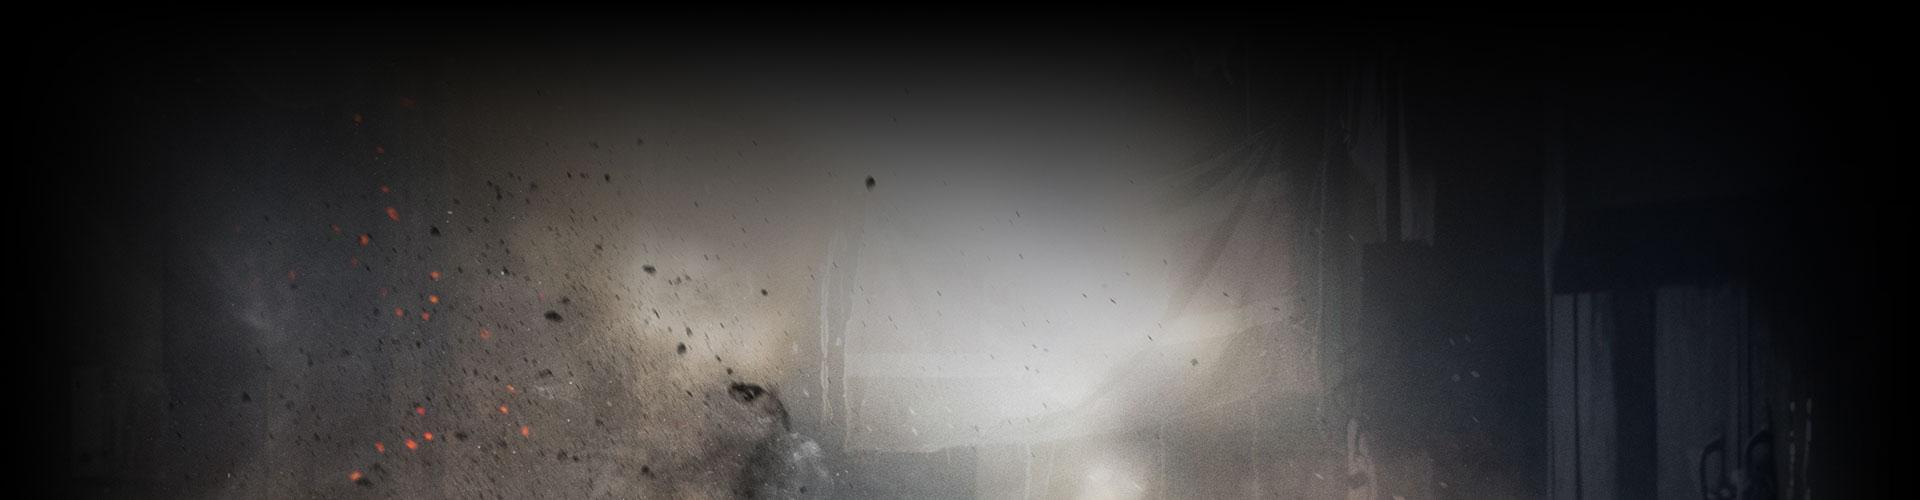 Trosky z exploze poblíž budovy